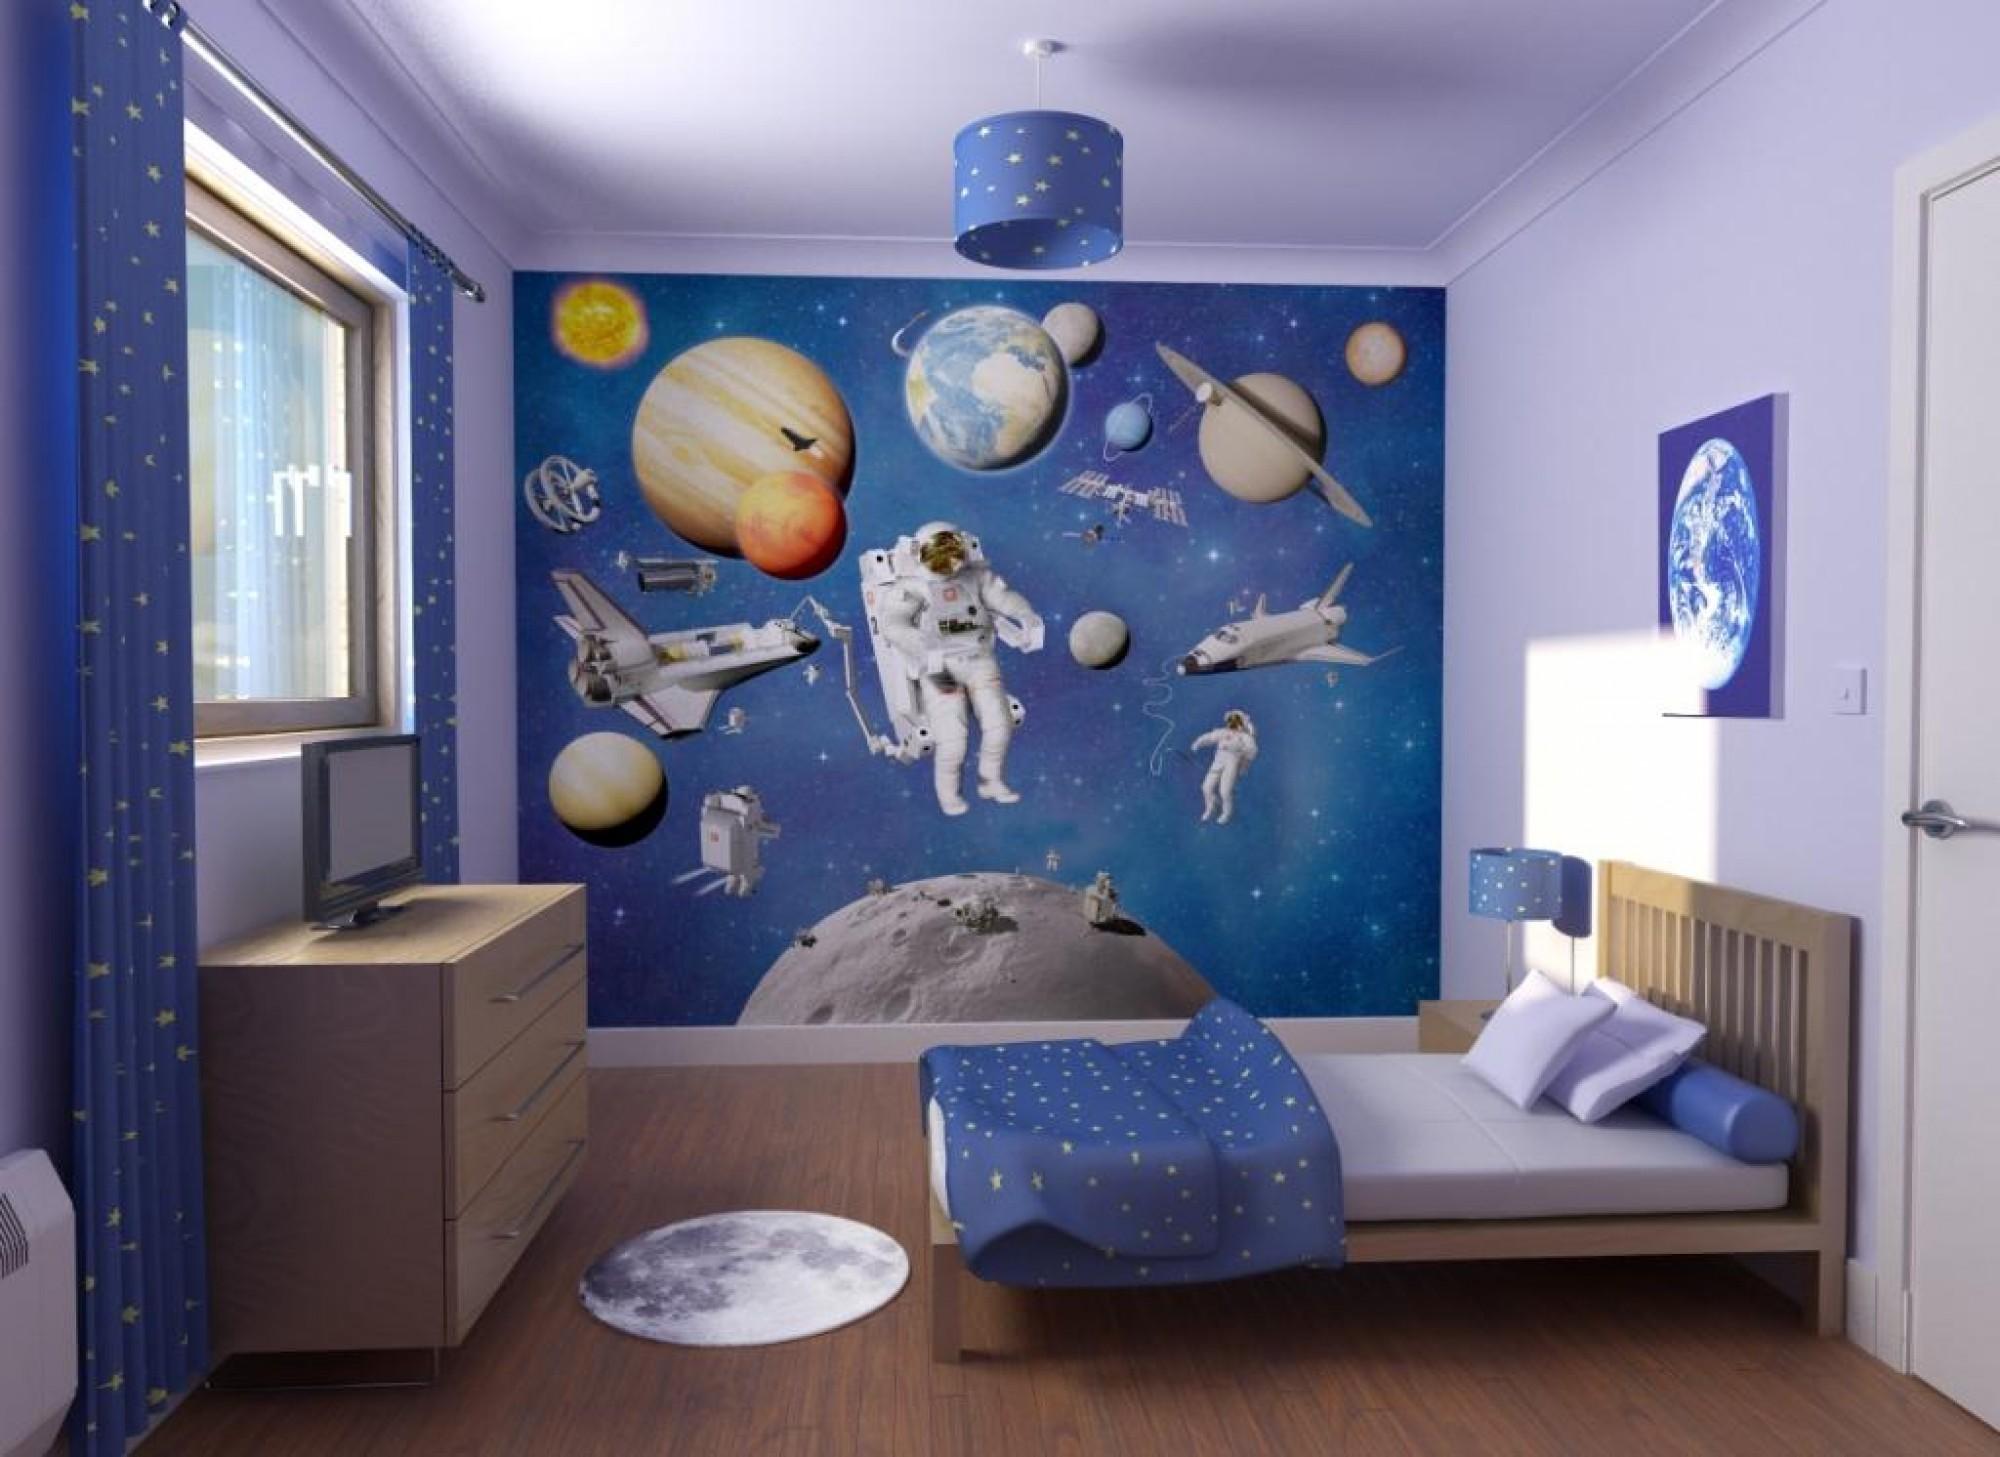 фотообои на стену космос купить